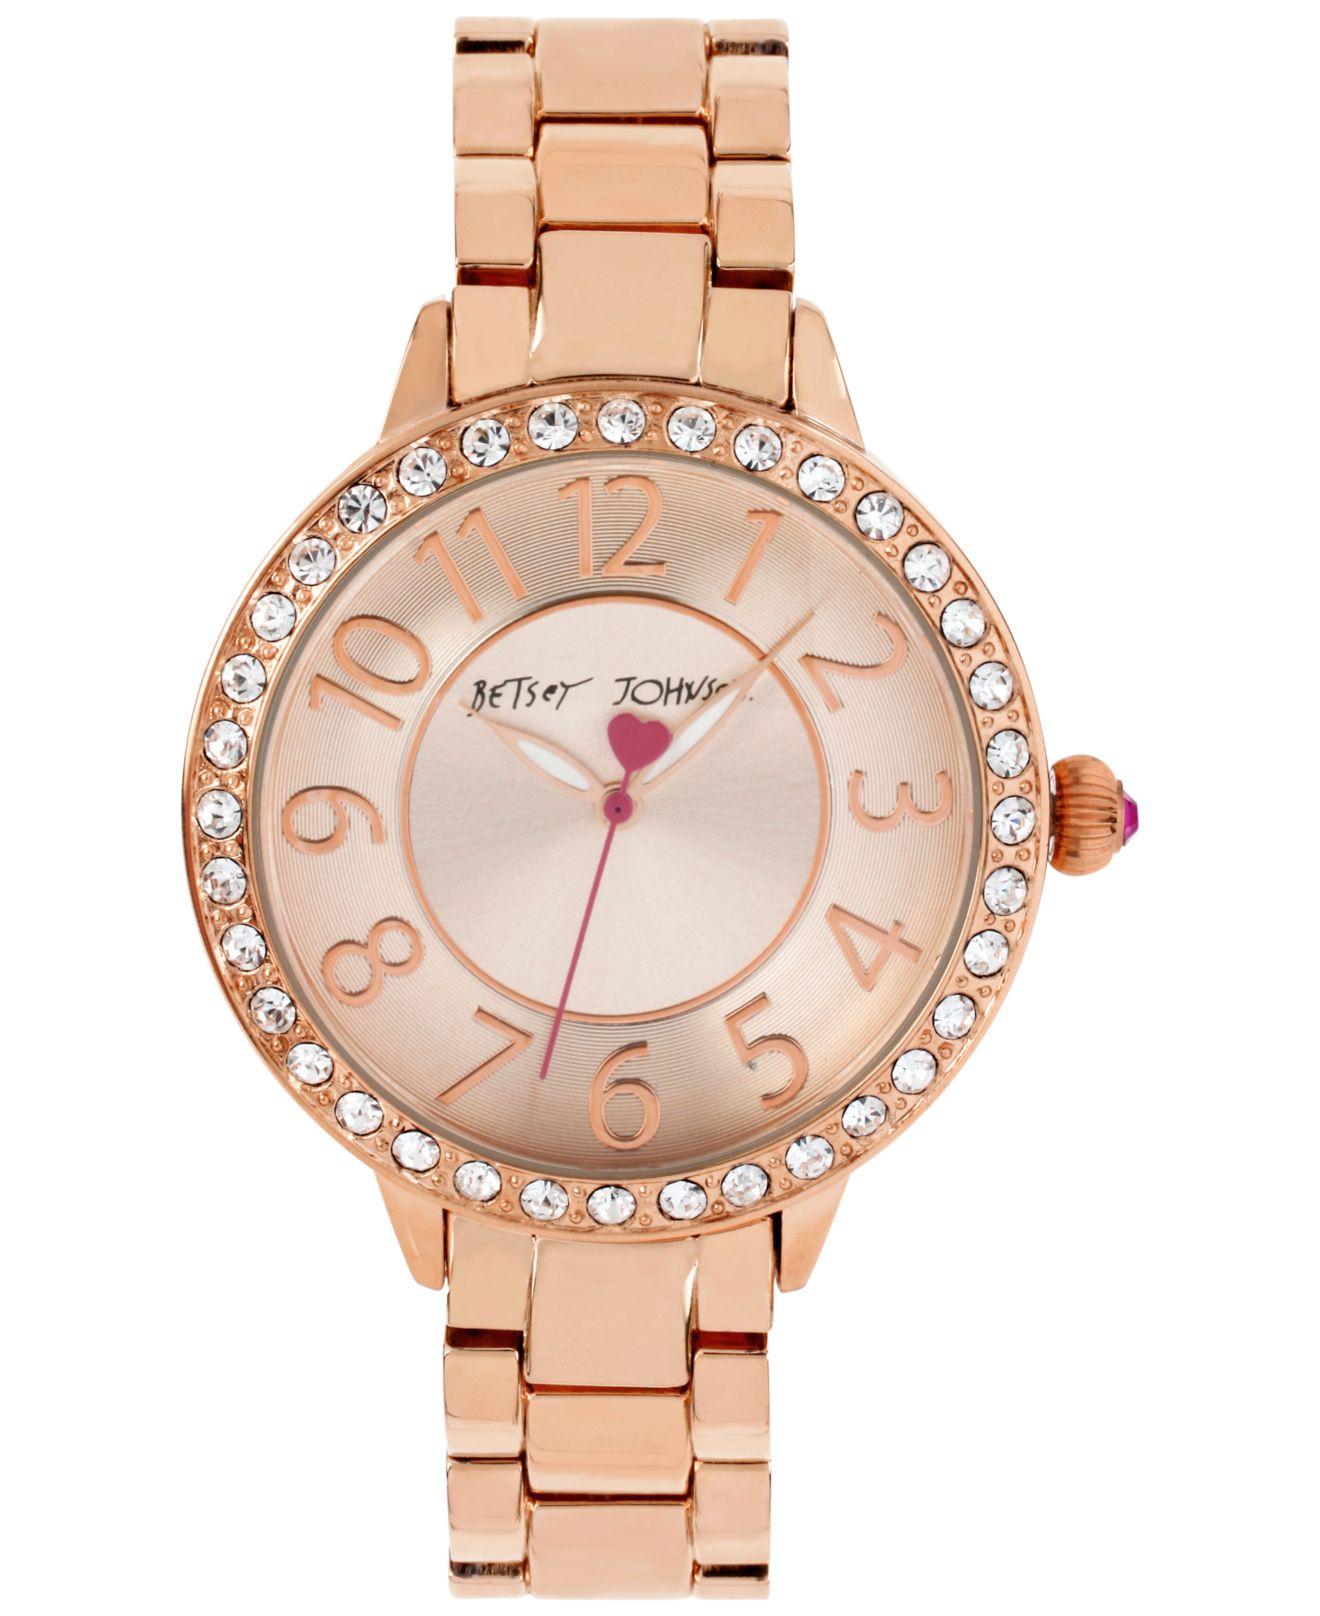 f7f9990084f7 Lyst - Betsey Johnson Women s Rose Gold-tone Bracelet Watch 42mm ...